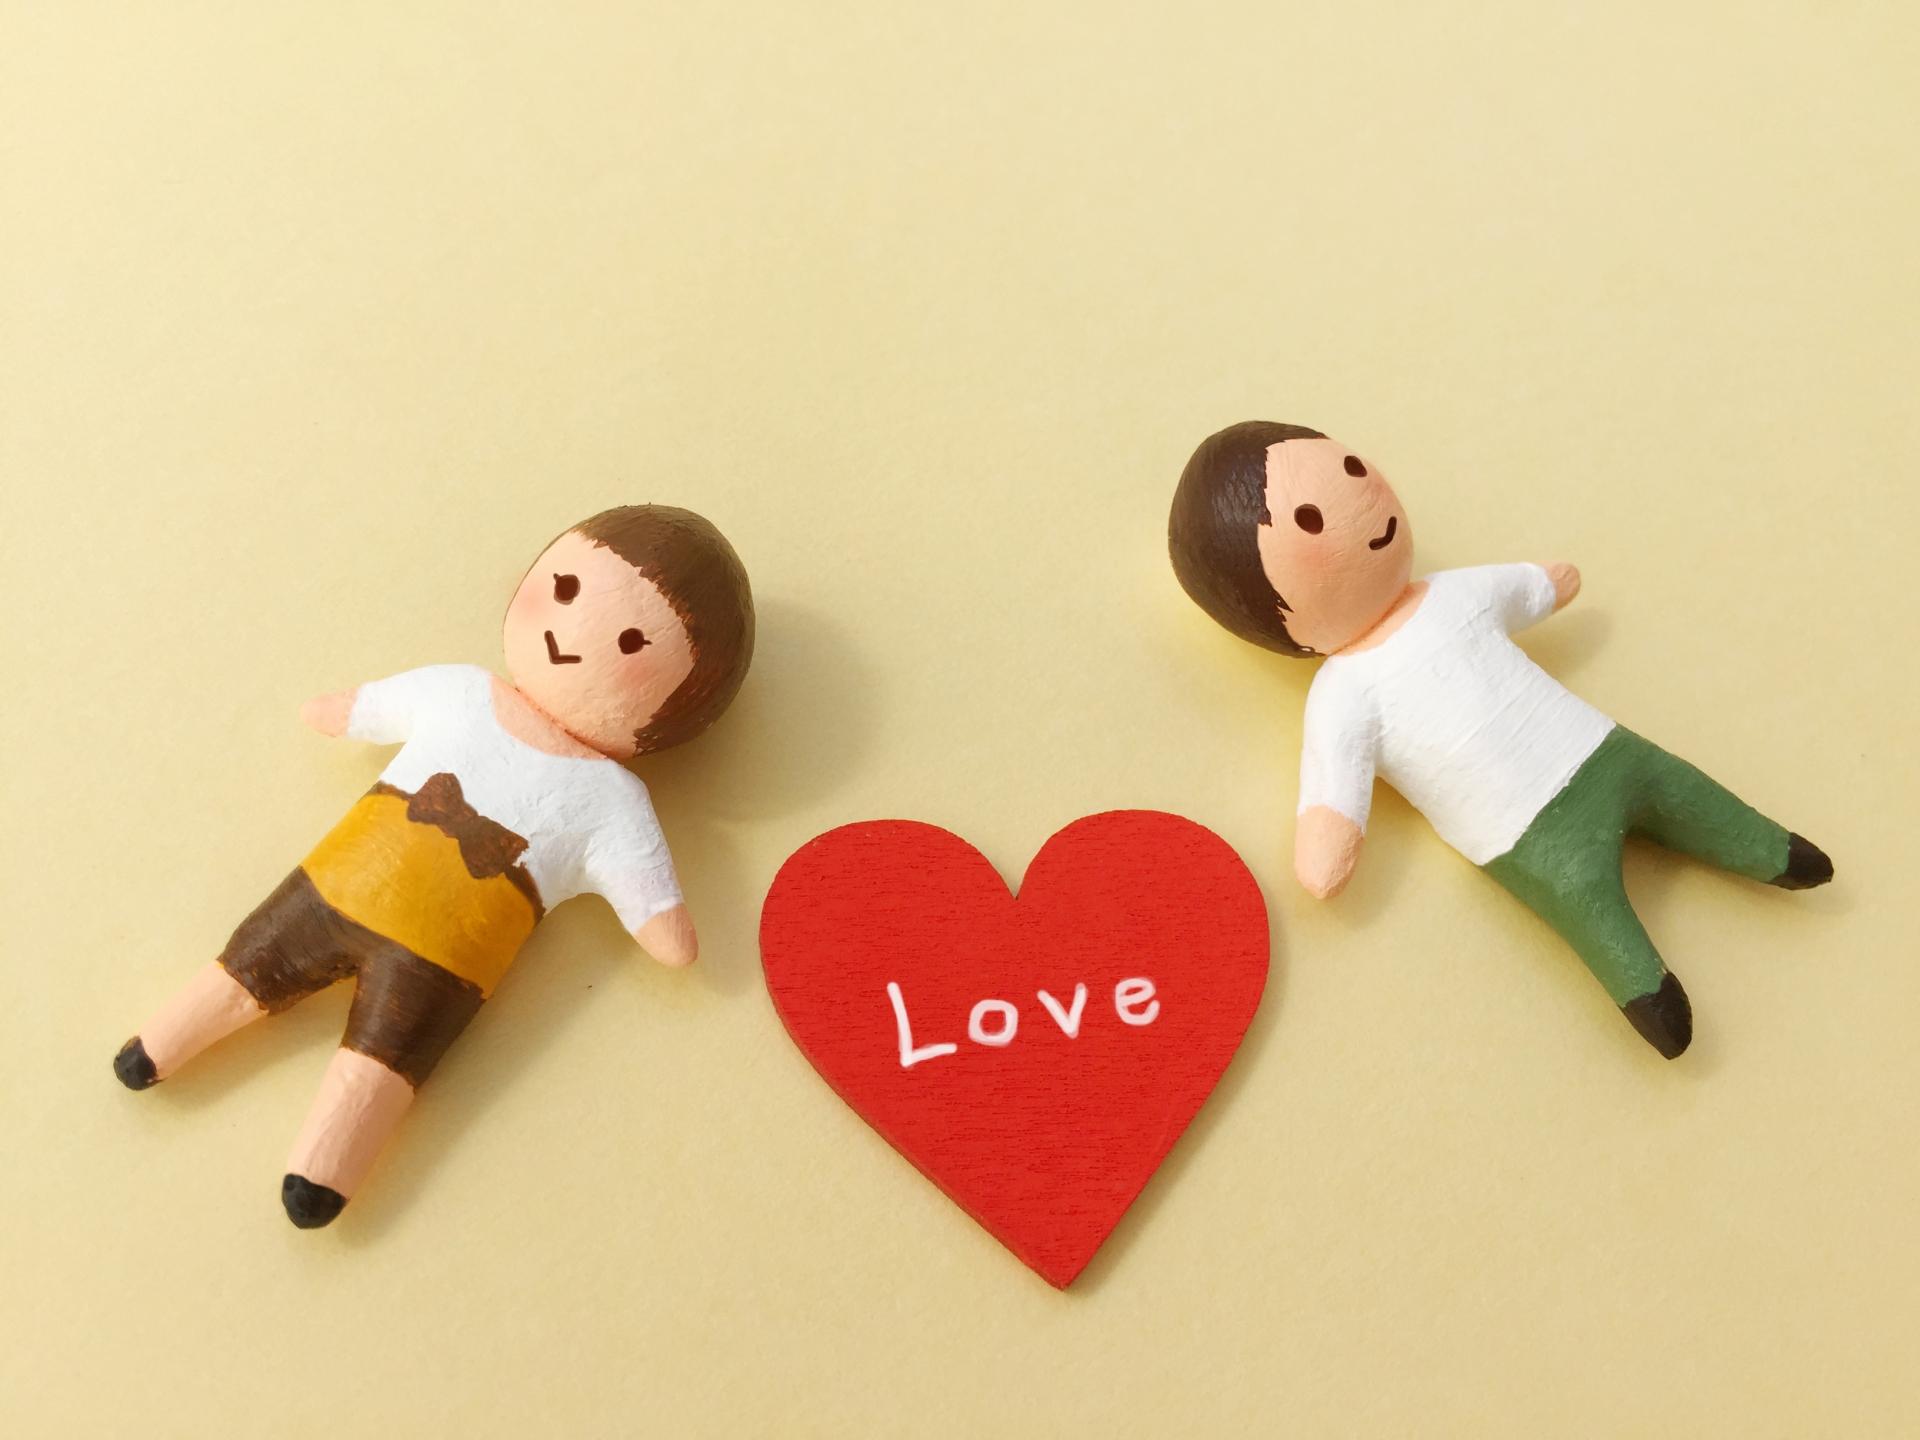 引き寄せの法則,恋愛心理,願望